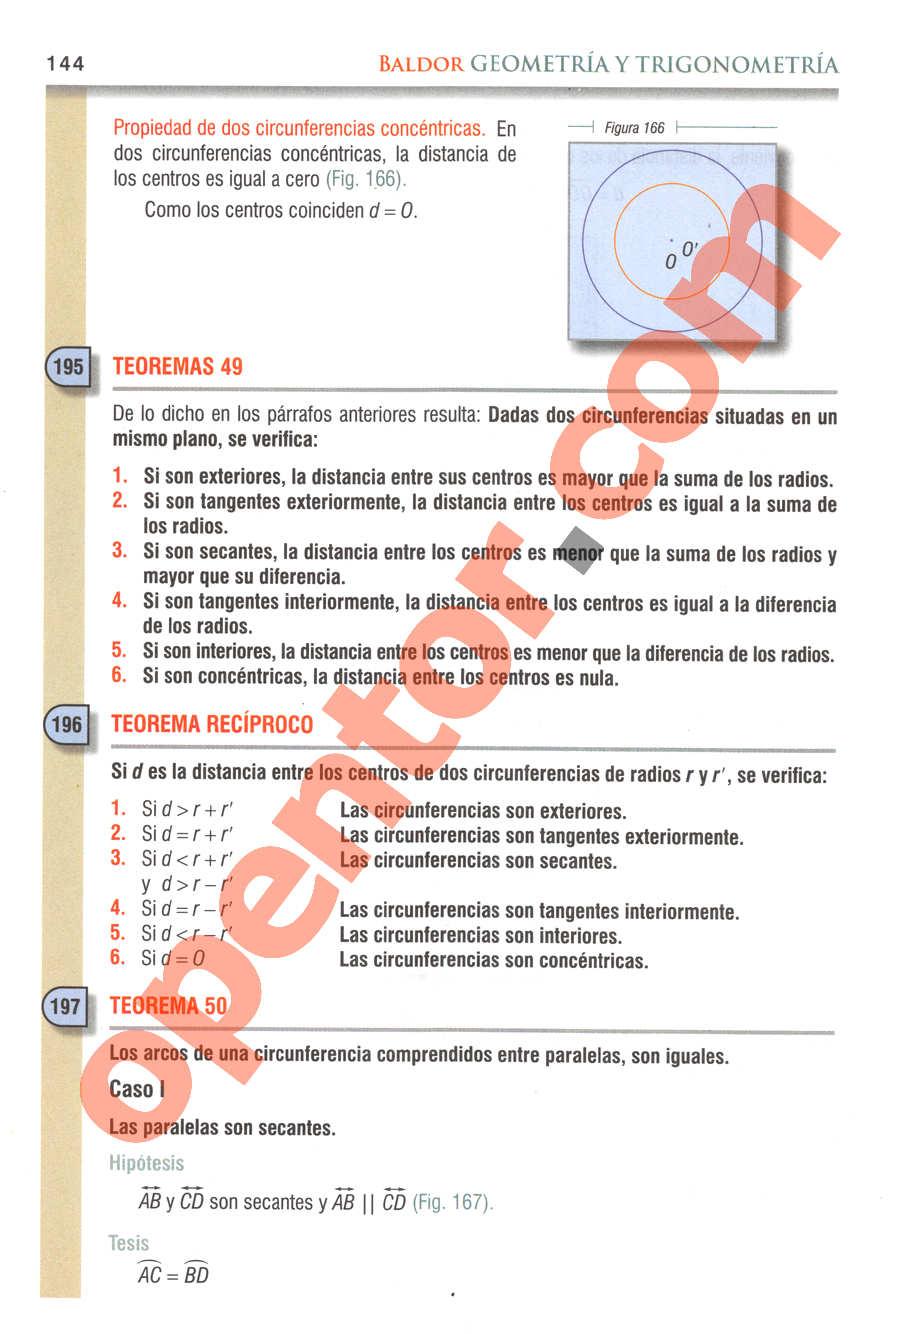 Geometría y Trigonometría de Baldor - Página 144